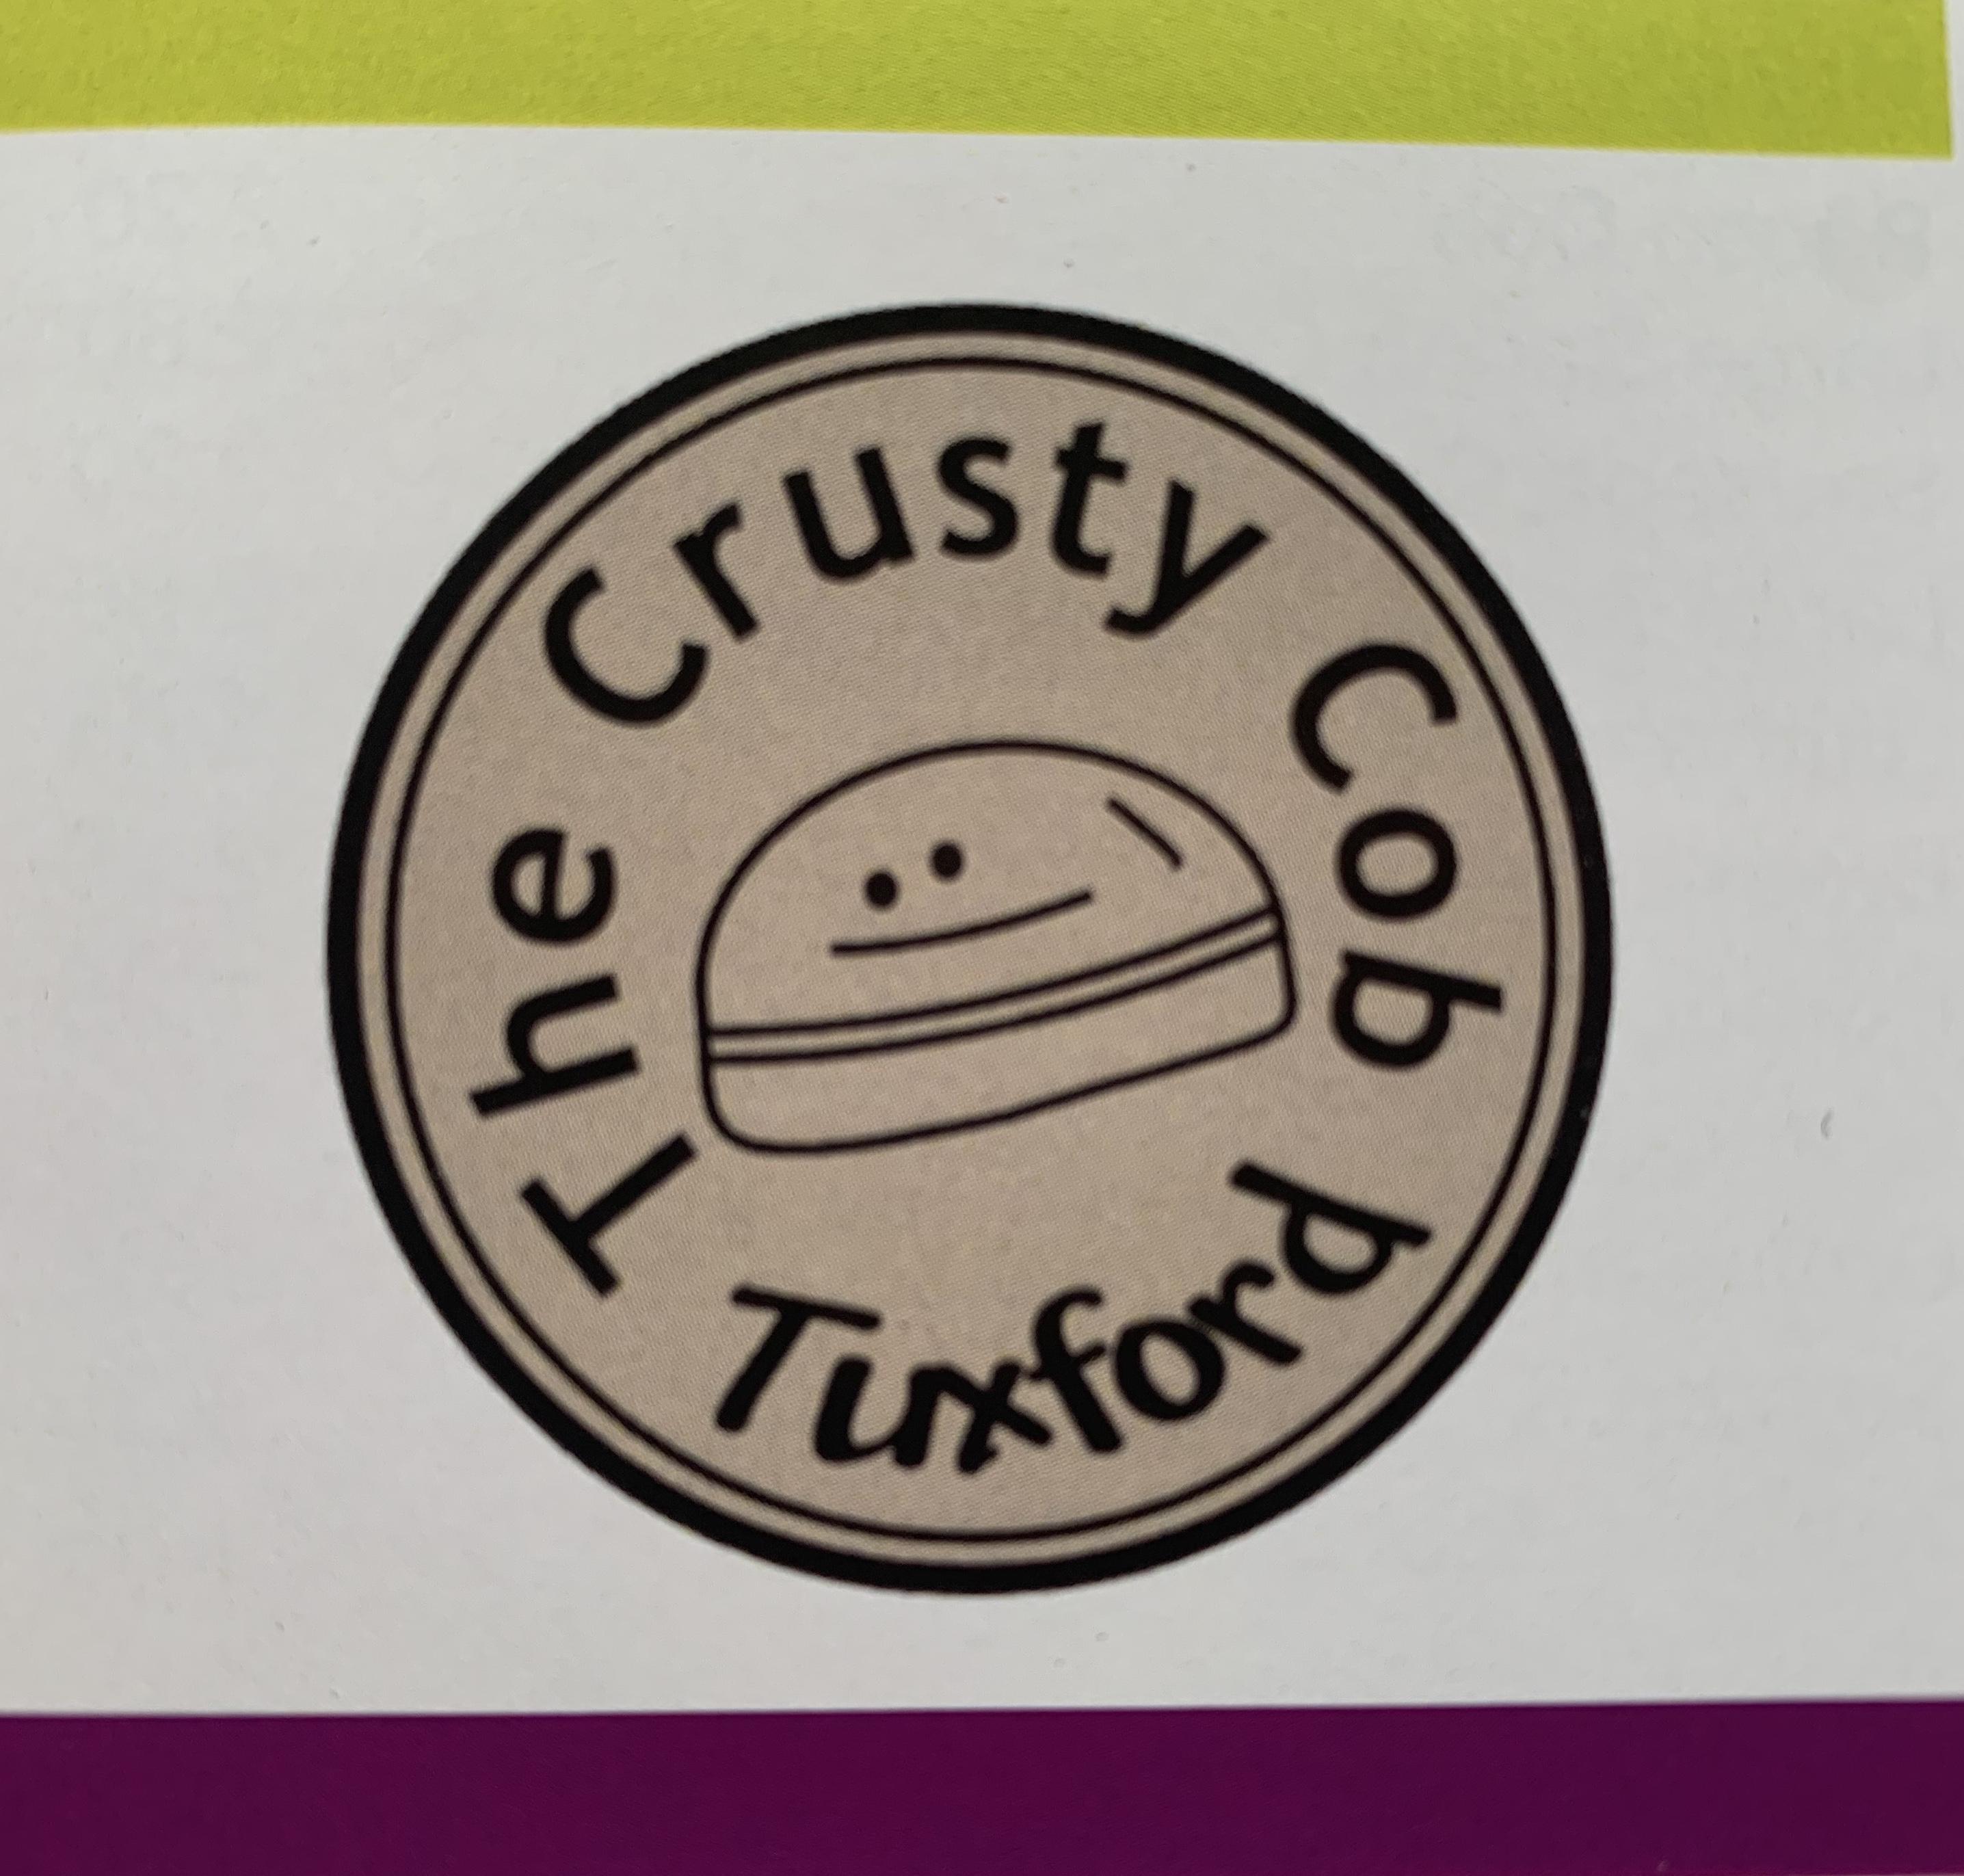 THE CRUSTY COB (TUXFORD) LTD